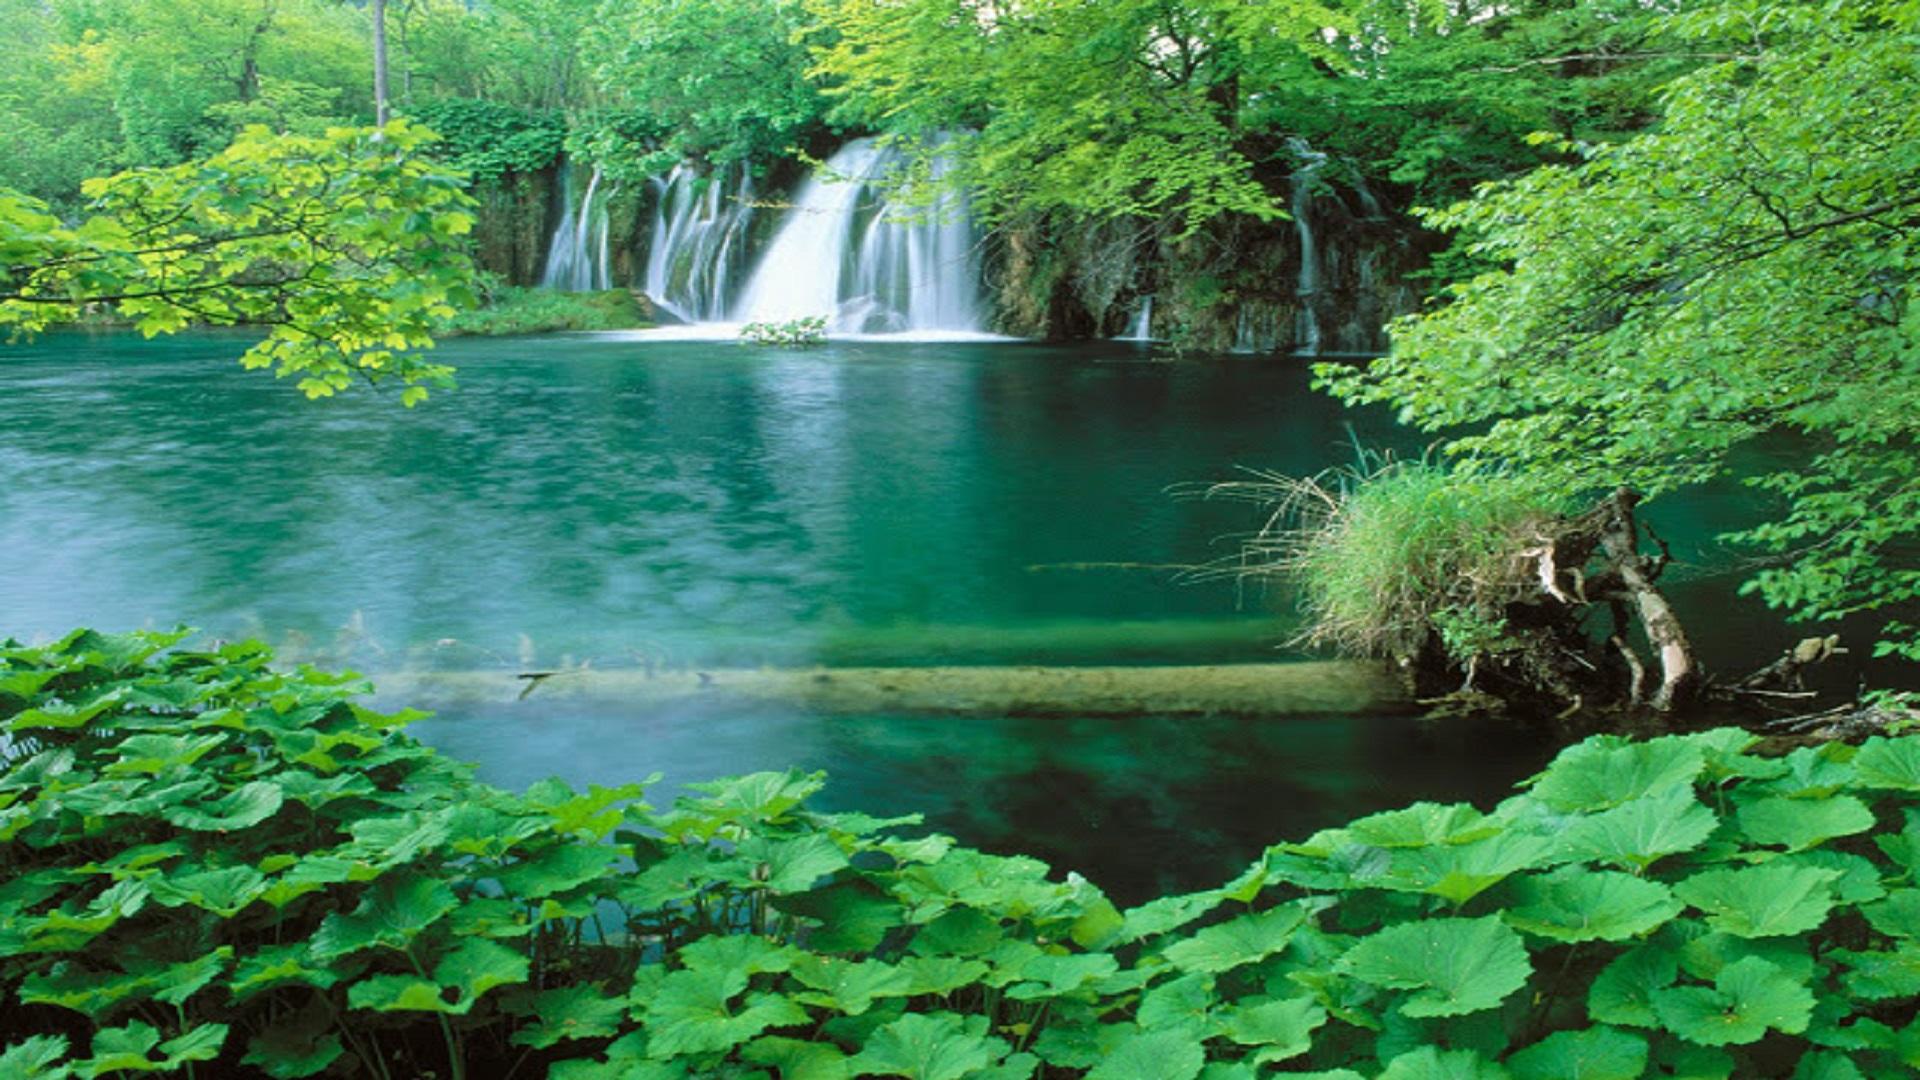 Top-10-Best-Nature-Scene-HD-wallpaper-free-hd-for-desktop - HD Wallpaper